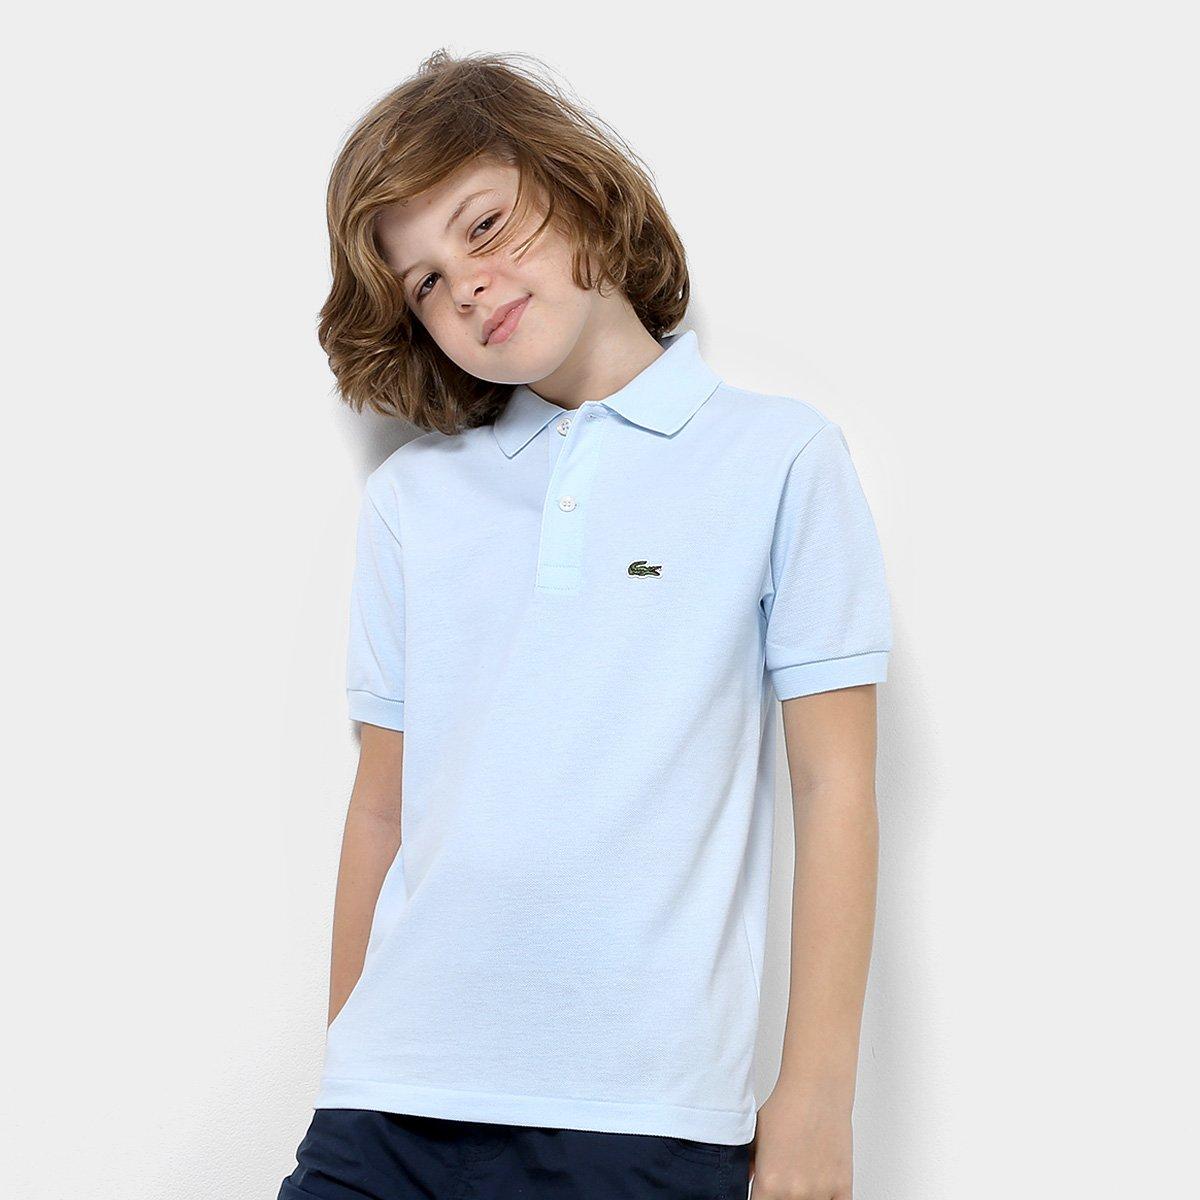 e1f39e6a824b2 Camisa Polo Infantil Lacoste Masculina